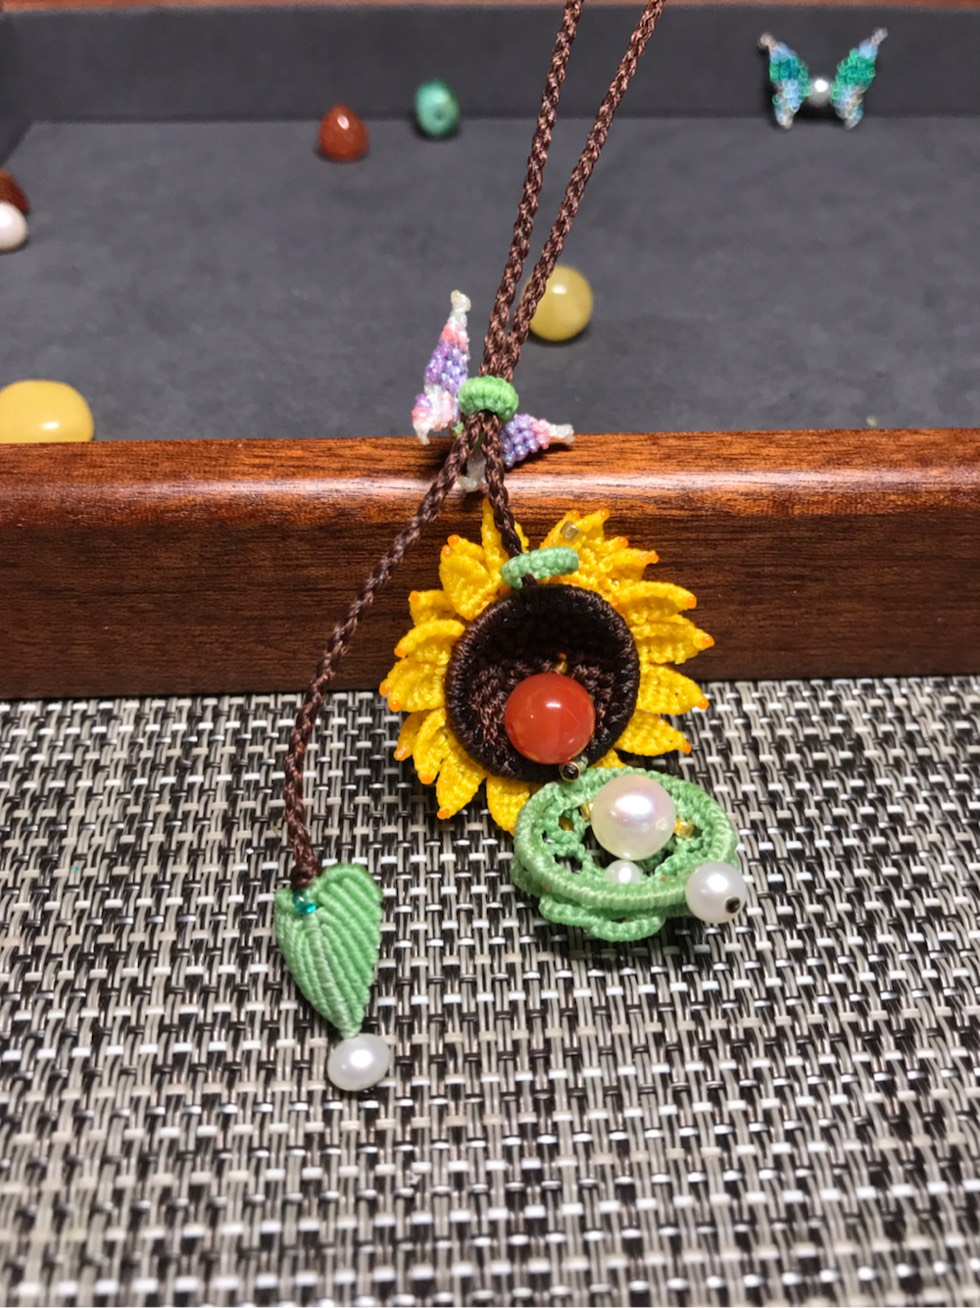 中国结论坛 向日葵香盒 观赏向日葵,放香和,向日葵花,向日葵怎么养 作品展示 092451n7337k2knk7nt337